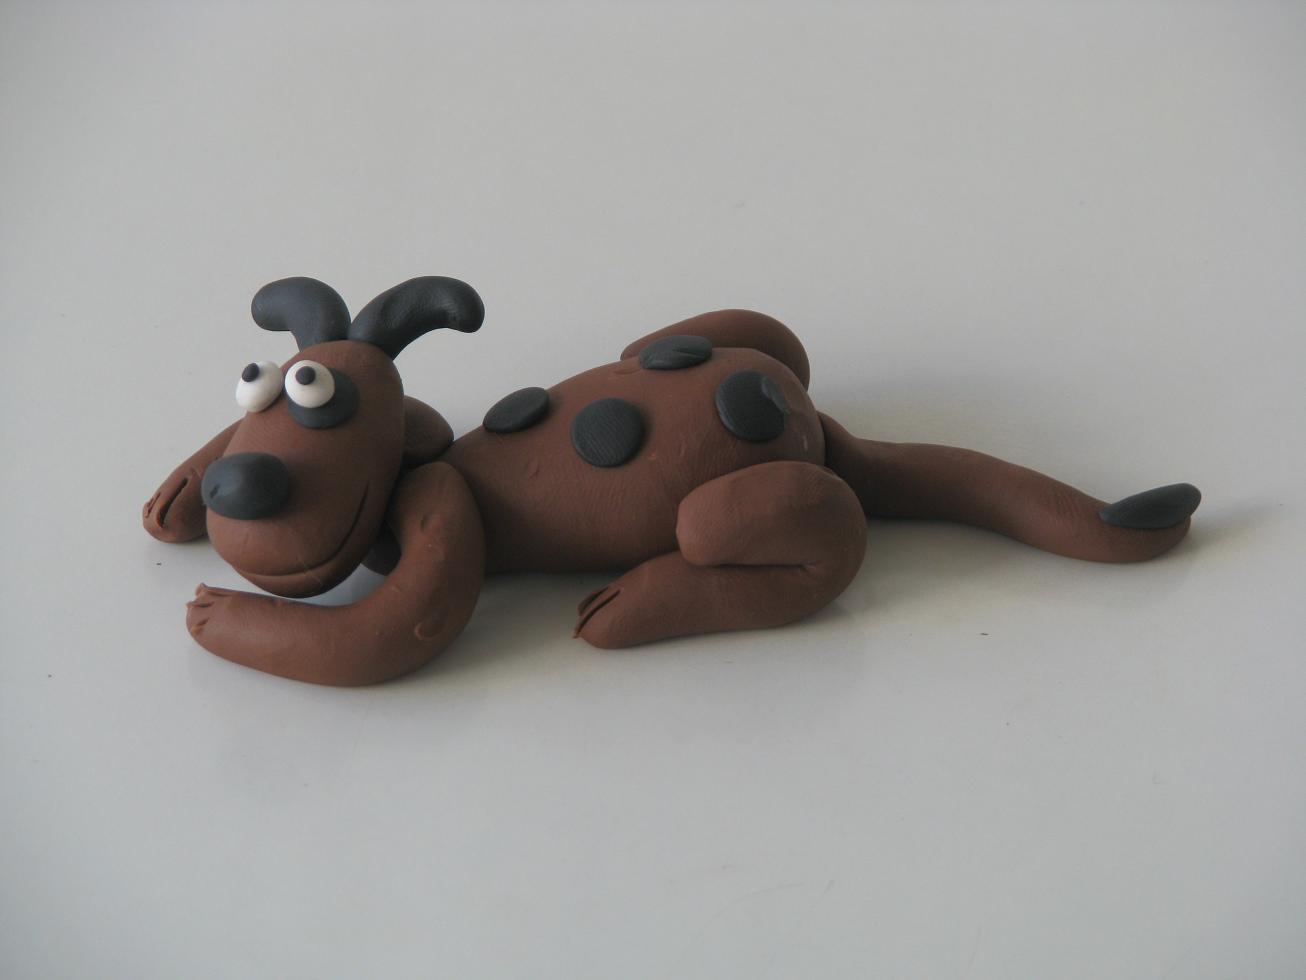 כלב מפלסטלינה